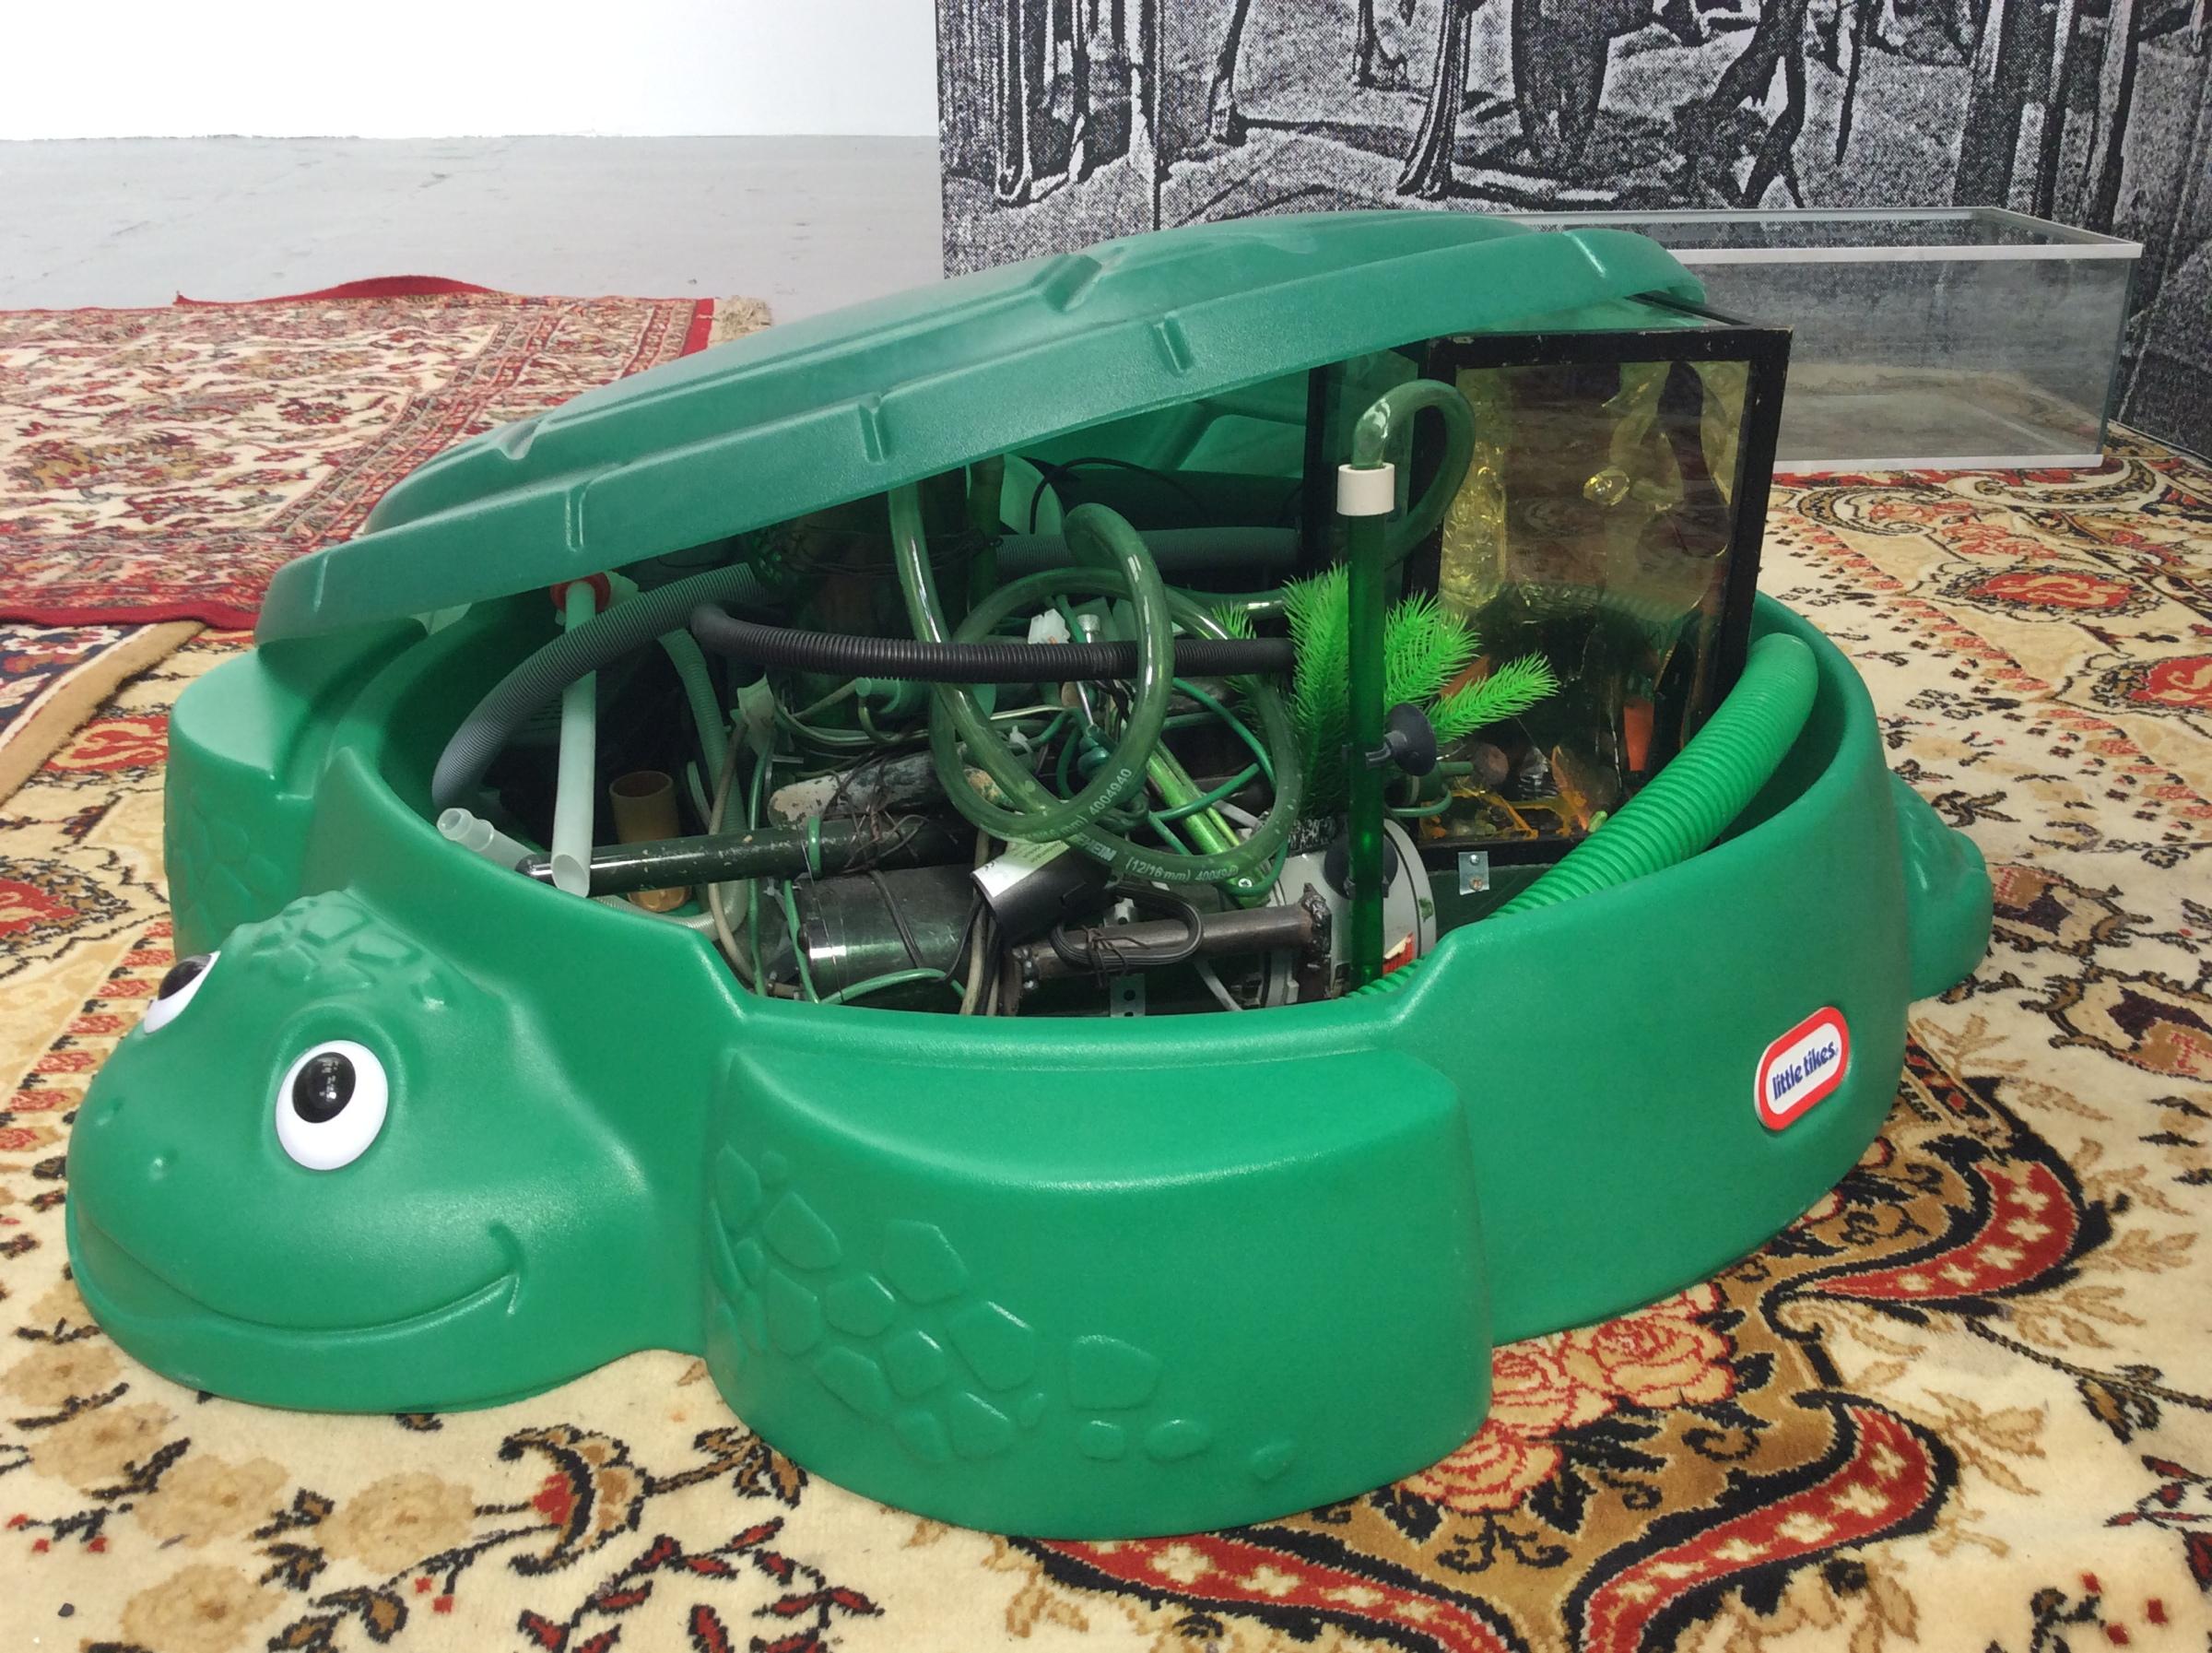 Justin Lieberman, Becoming Machine,  2015, aquarium supplies, Little Tykes turtle sandbox,43.25 x 38.75 x 12.00 in.